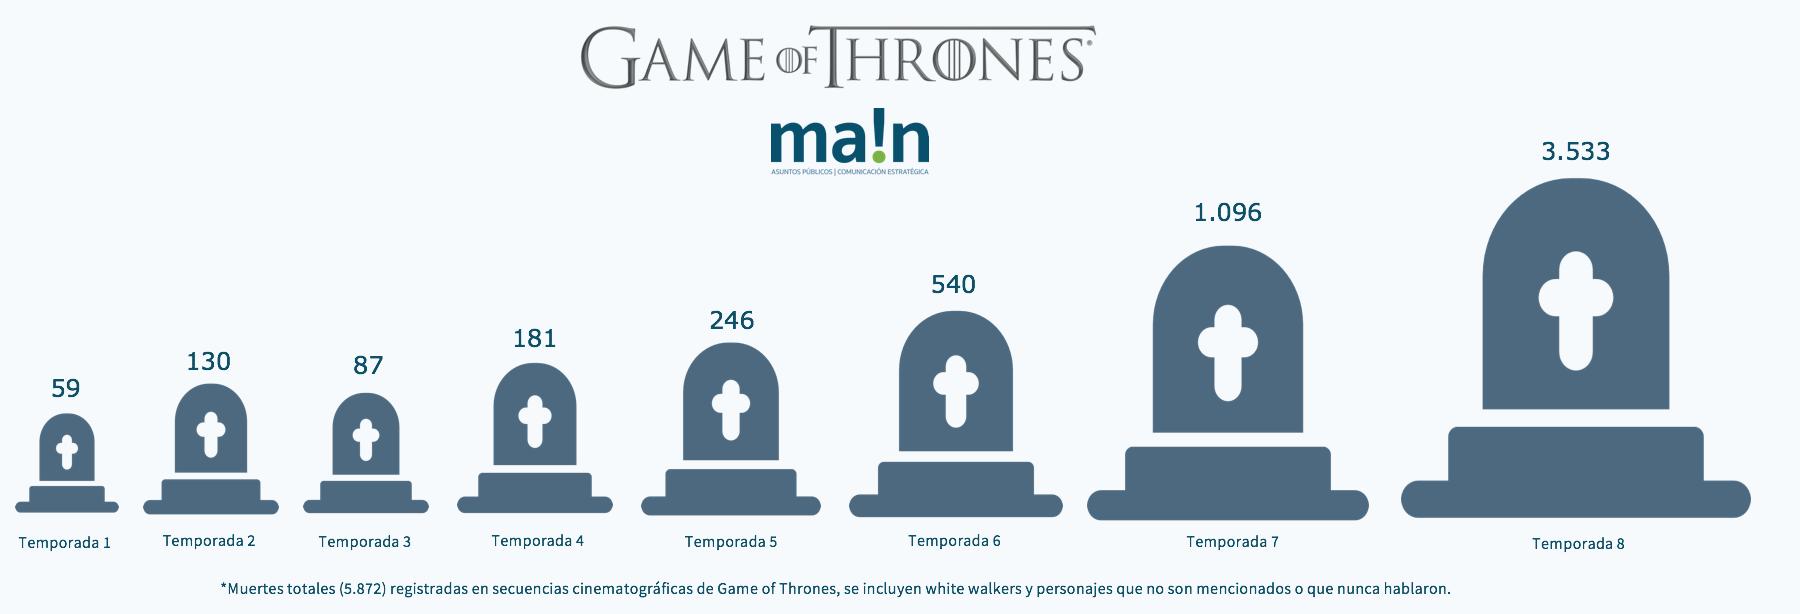 Total de muertes en Game of Thrones